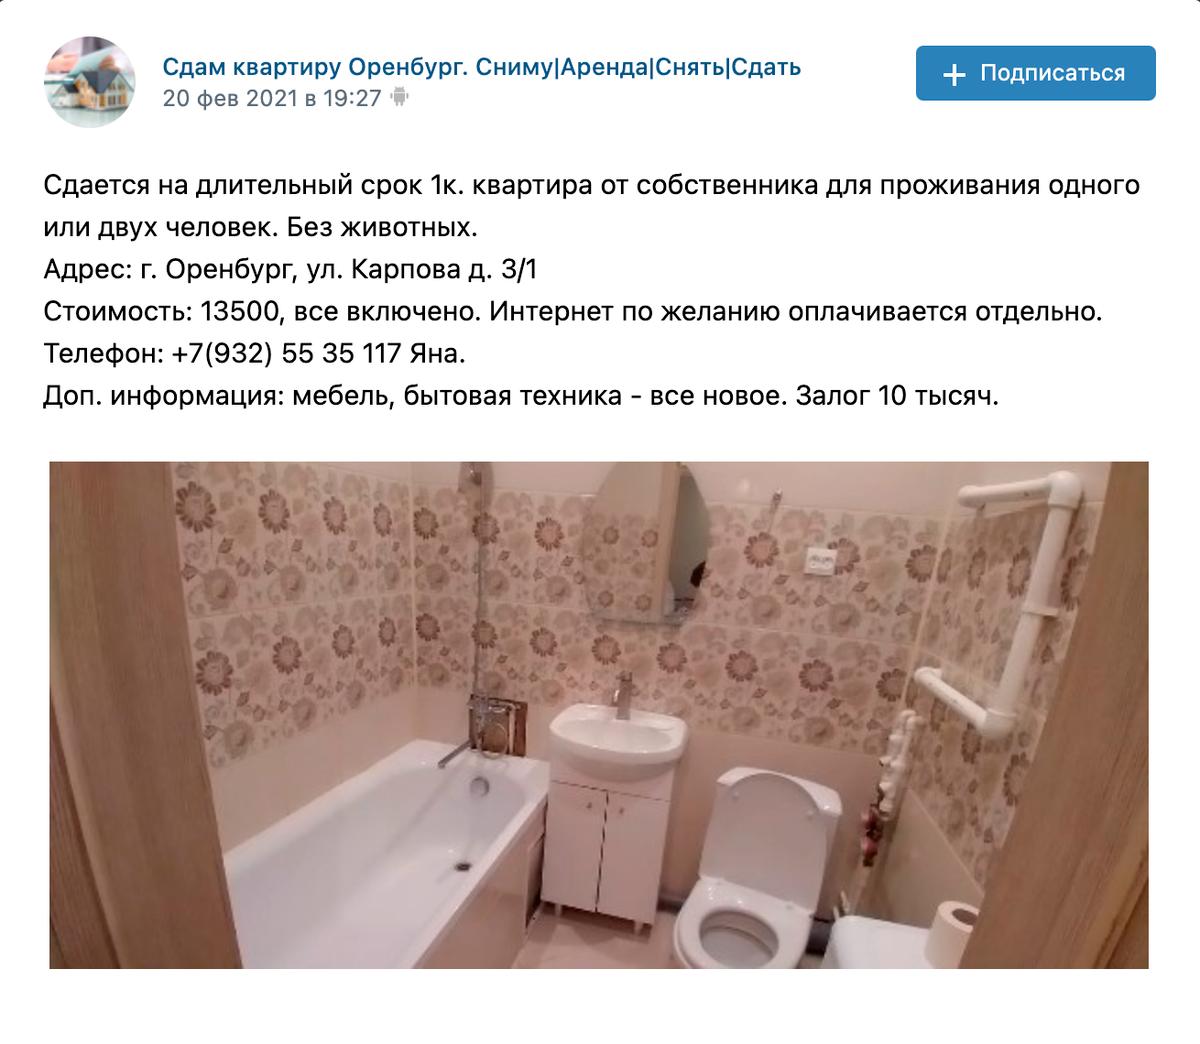 Однокомнатная квартира на границе Дзержинского и Ленинского районов — 13 500<span class=ruble>Р</span> в месяц